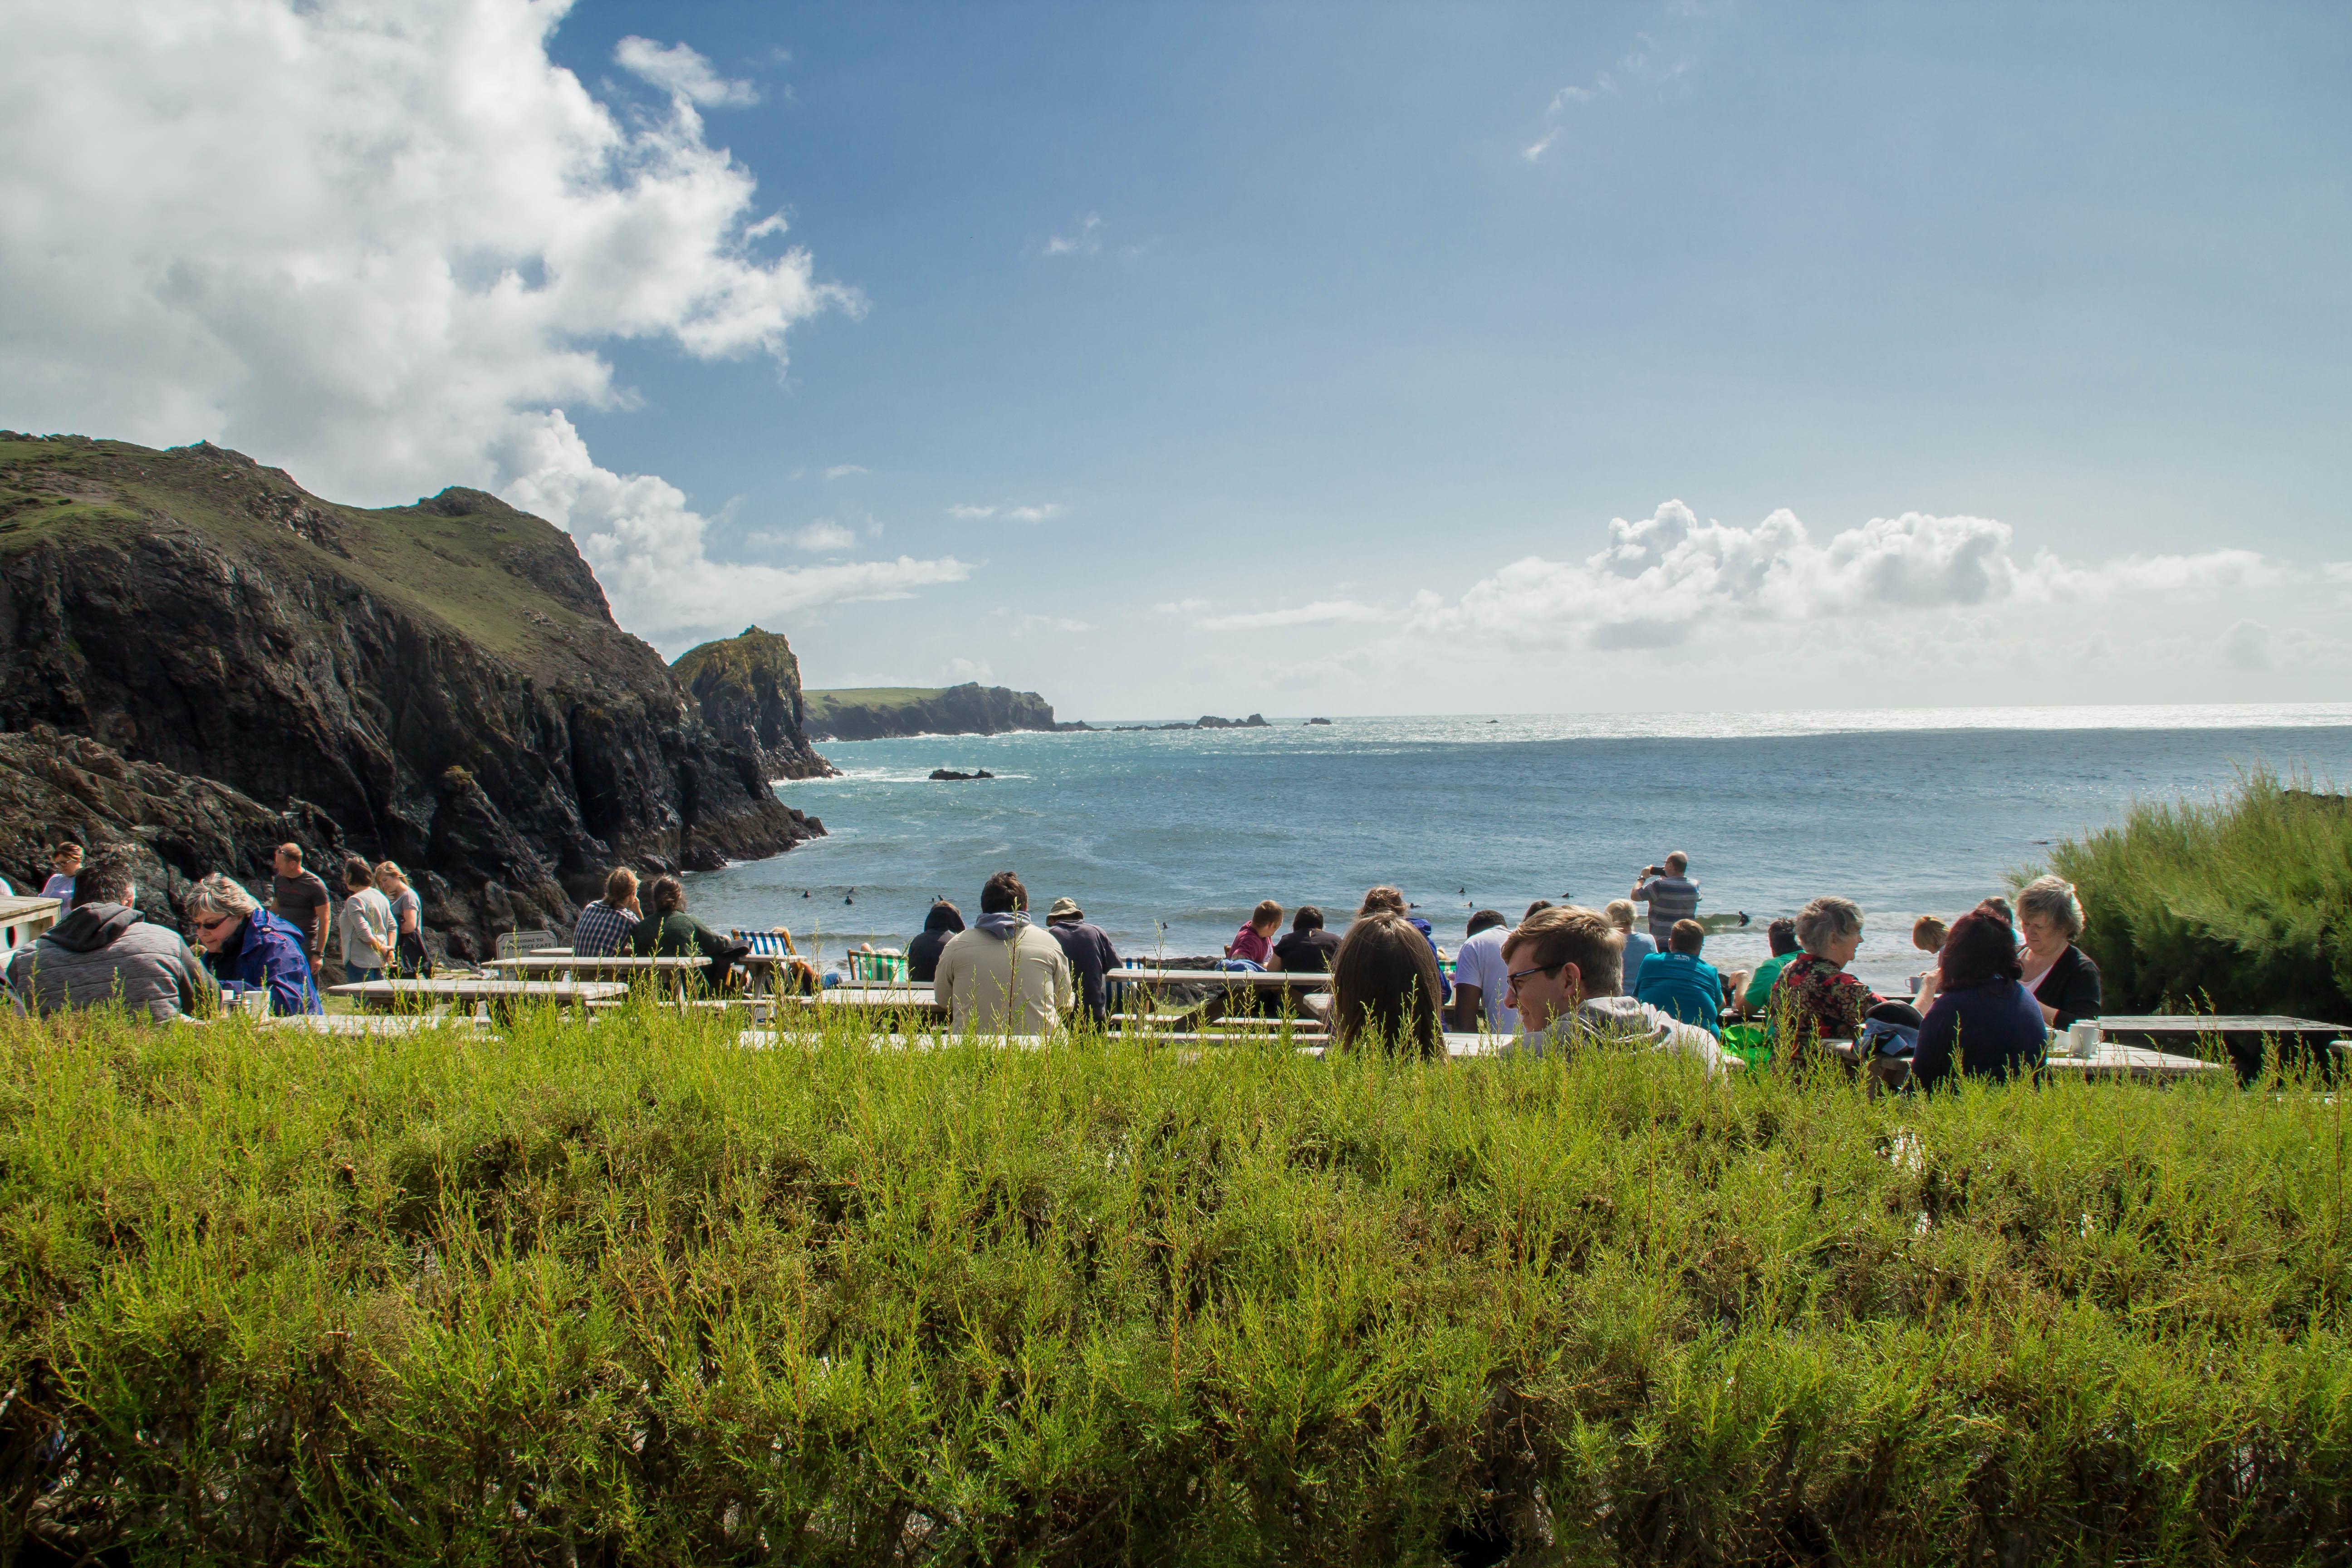 Utsikten från Kynance Cove Café.